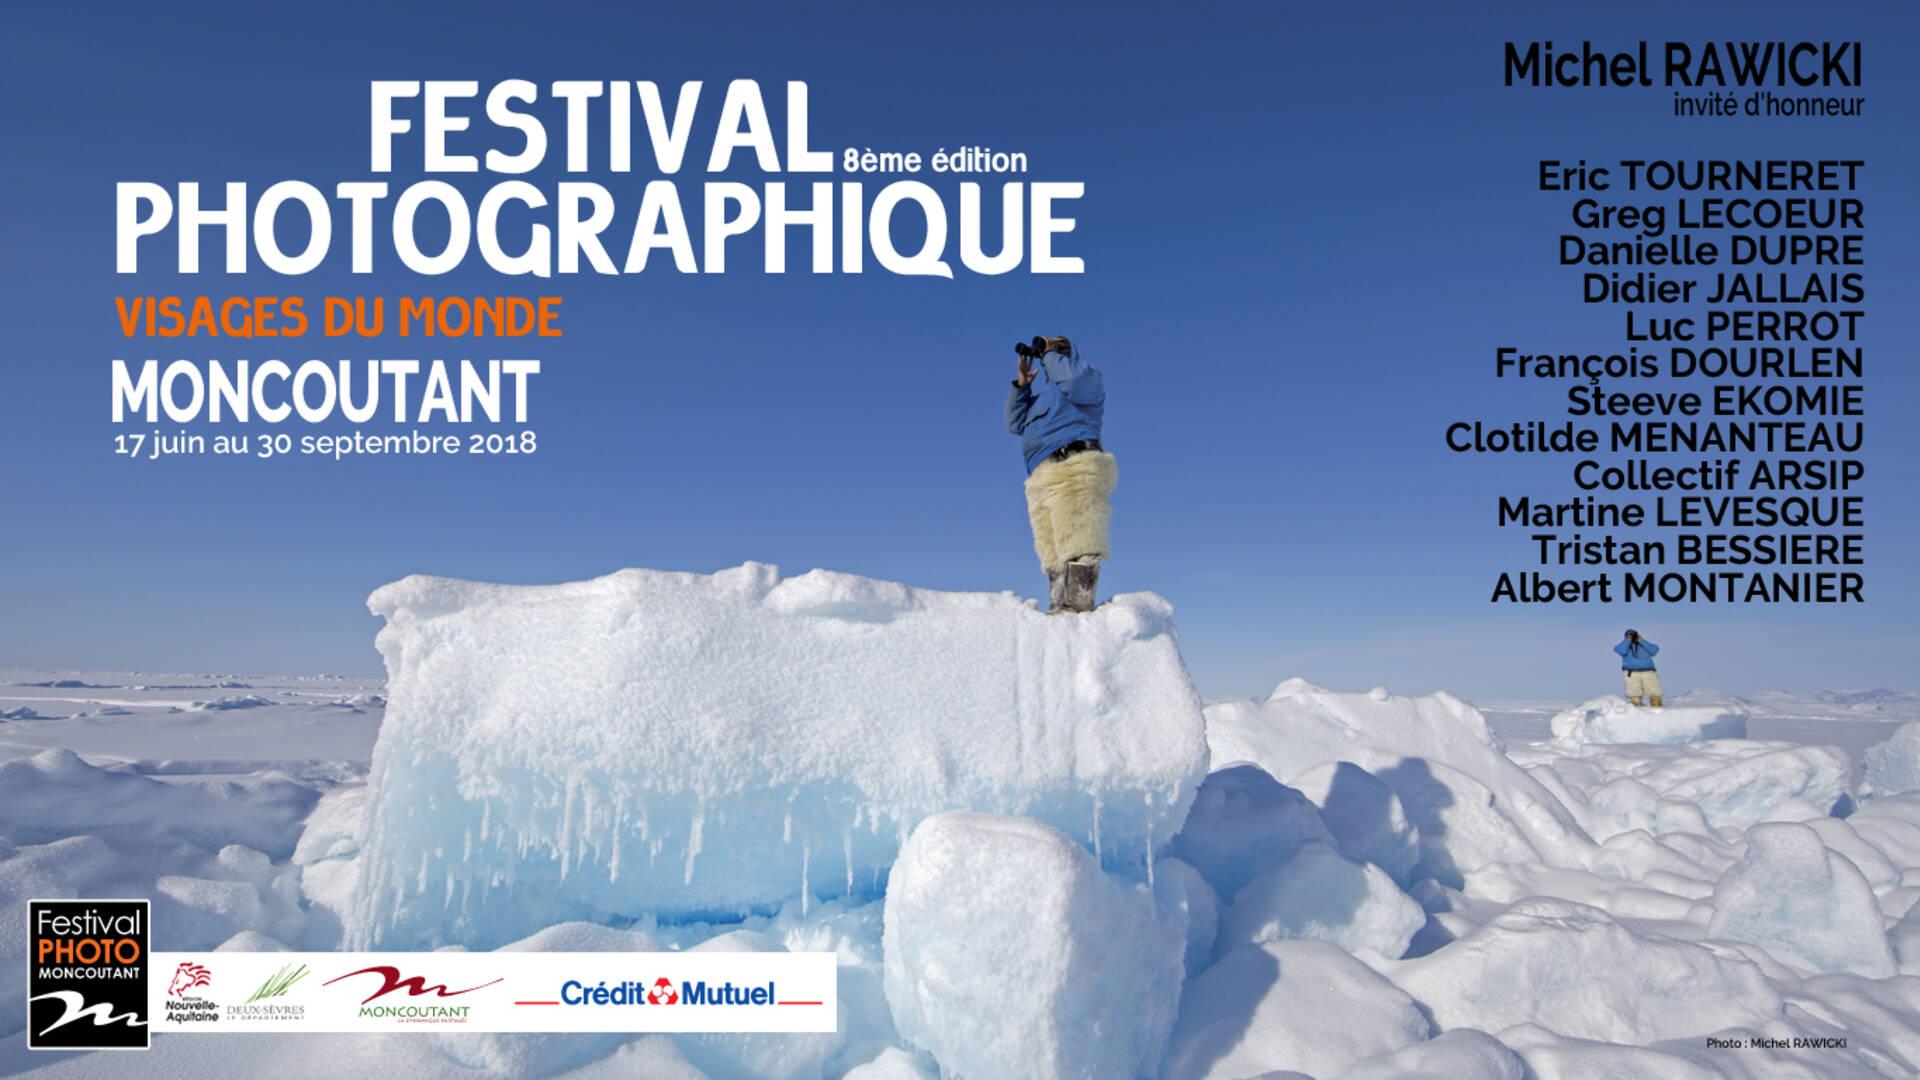 Festival photographique de Moncoutant - Edition 2018